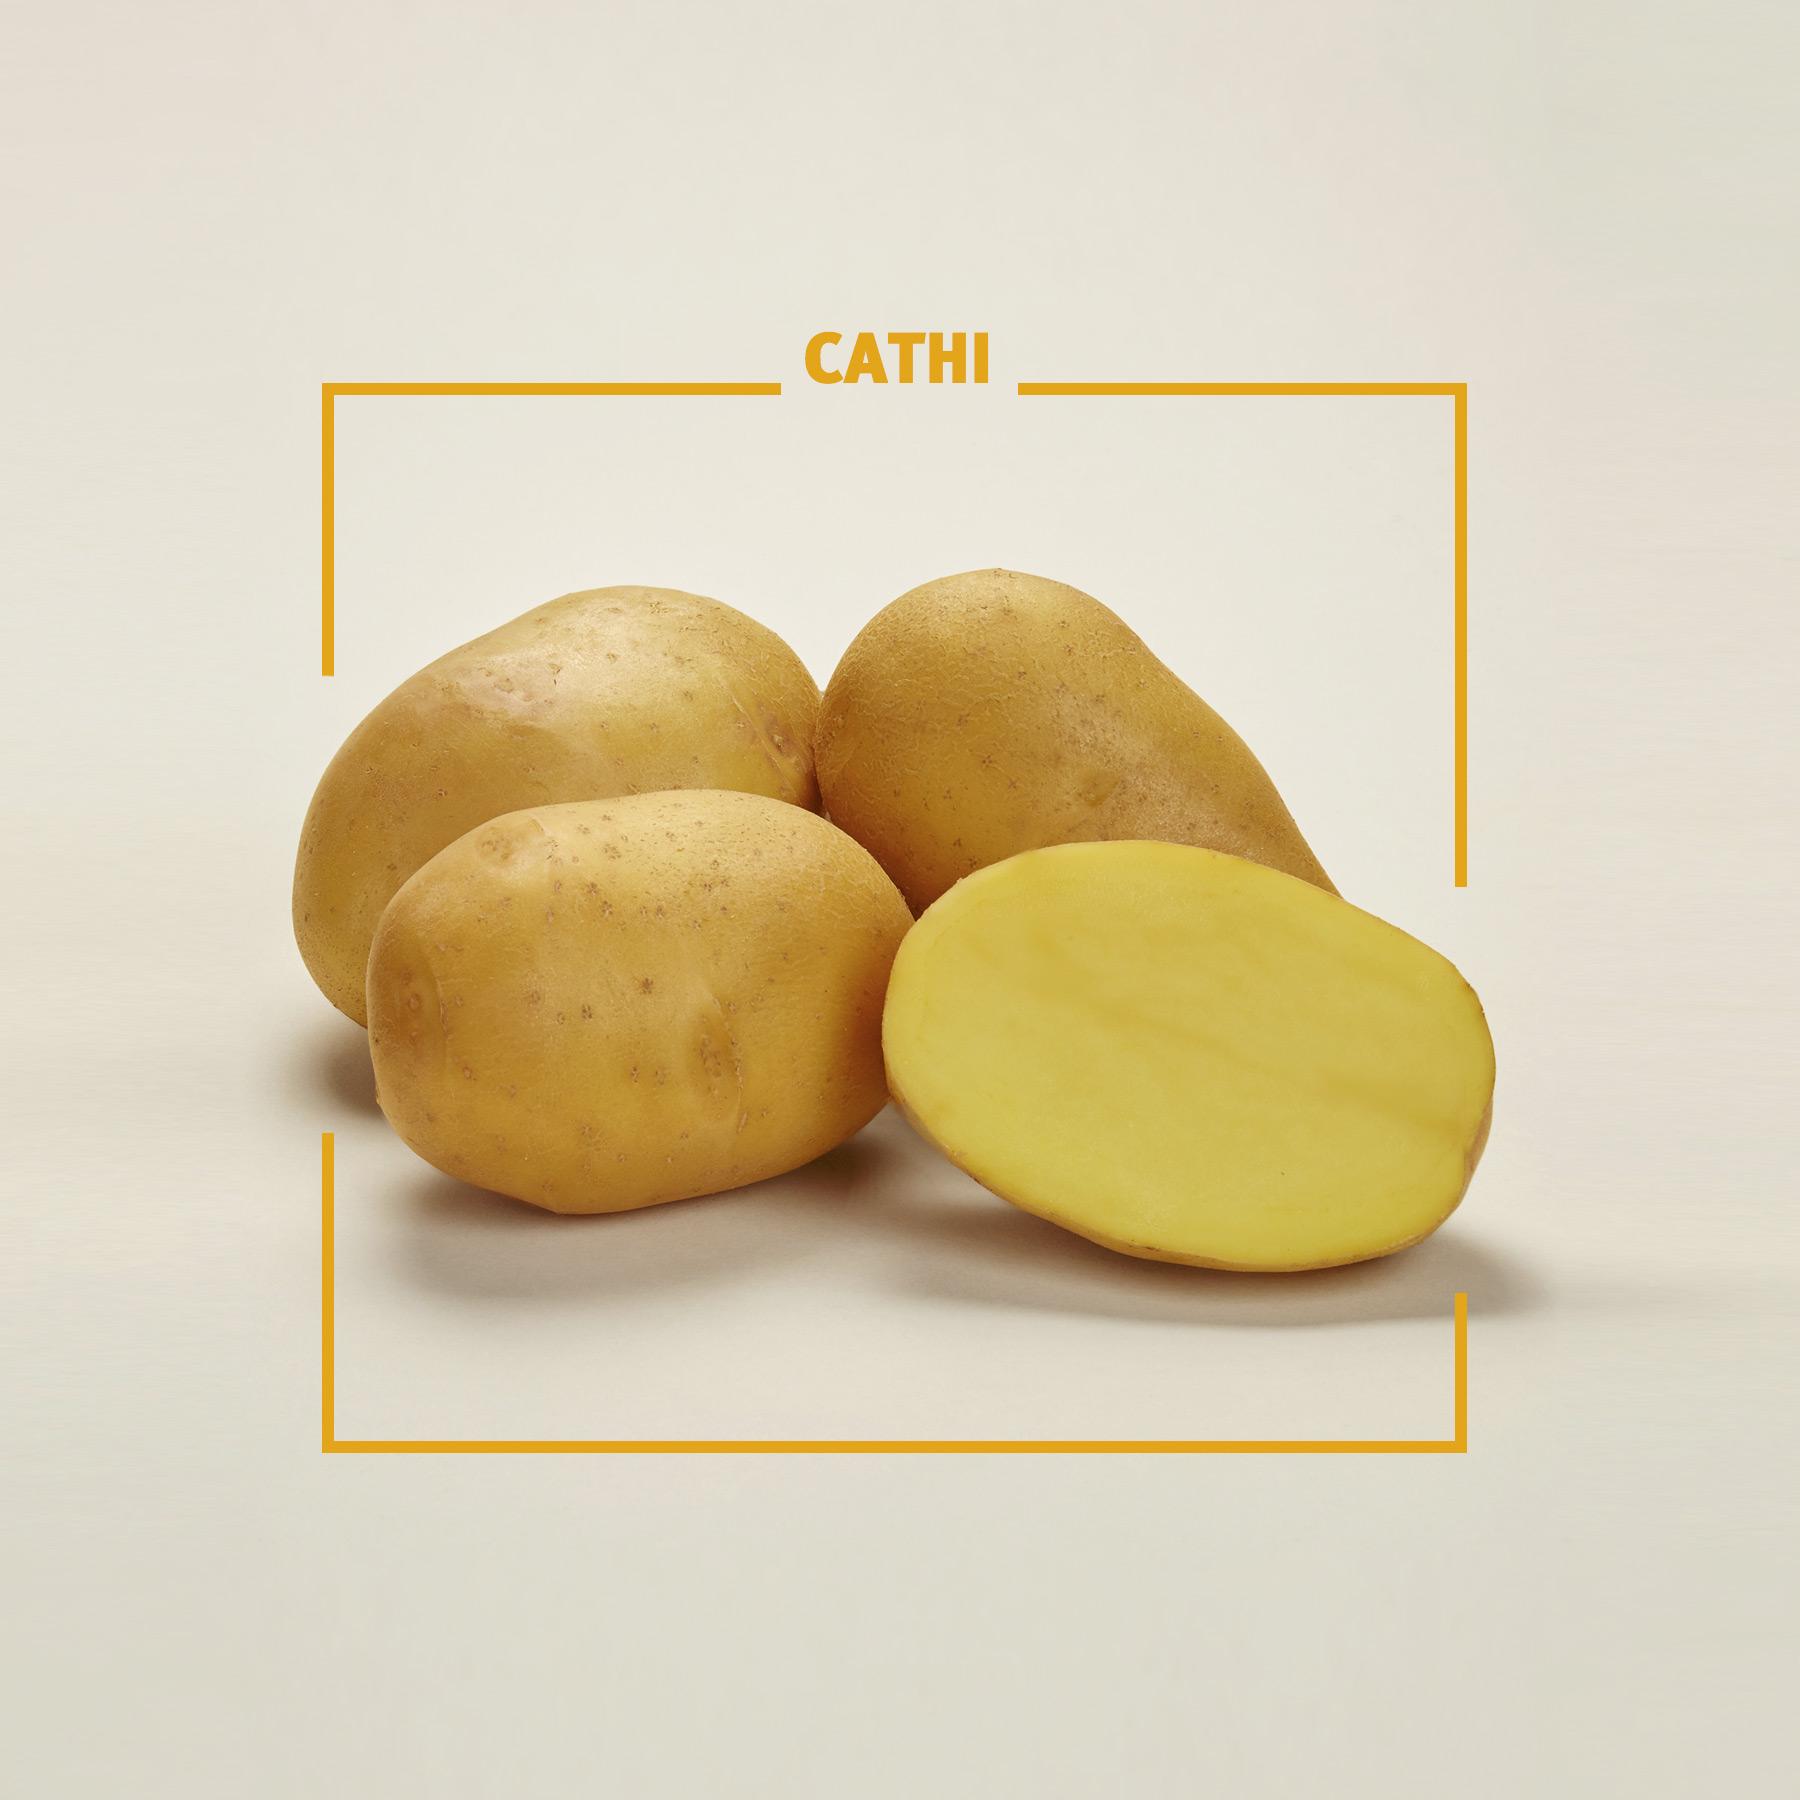 Bavaria Saat, Kartoffelzucht, Cathi